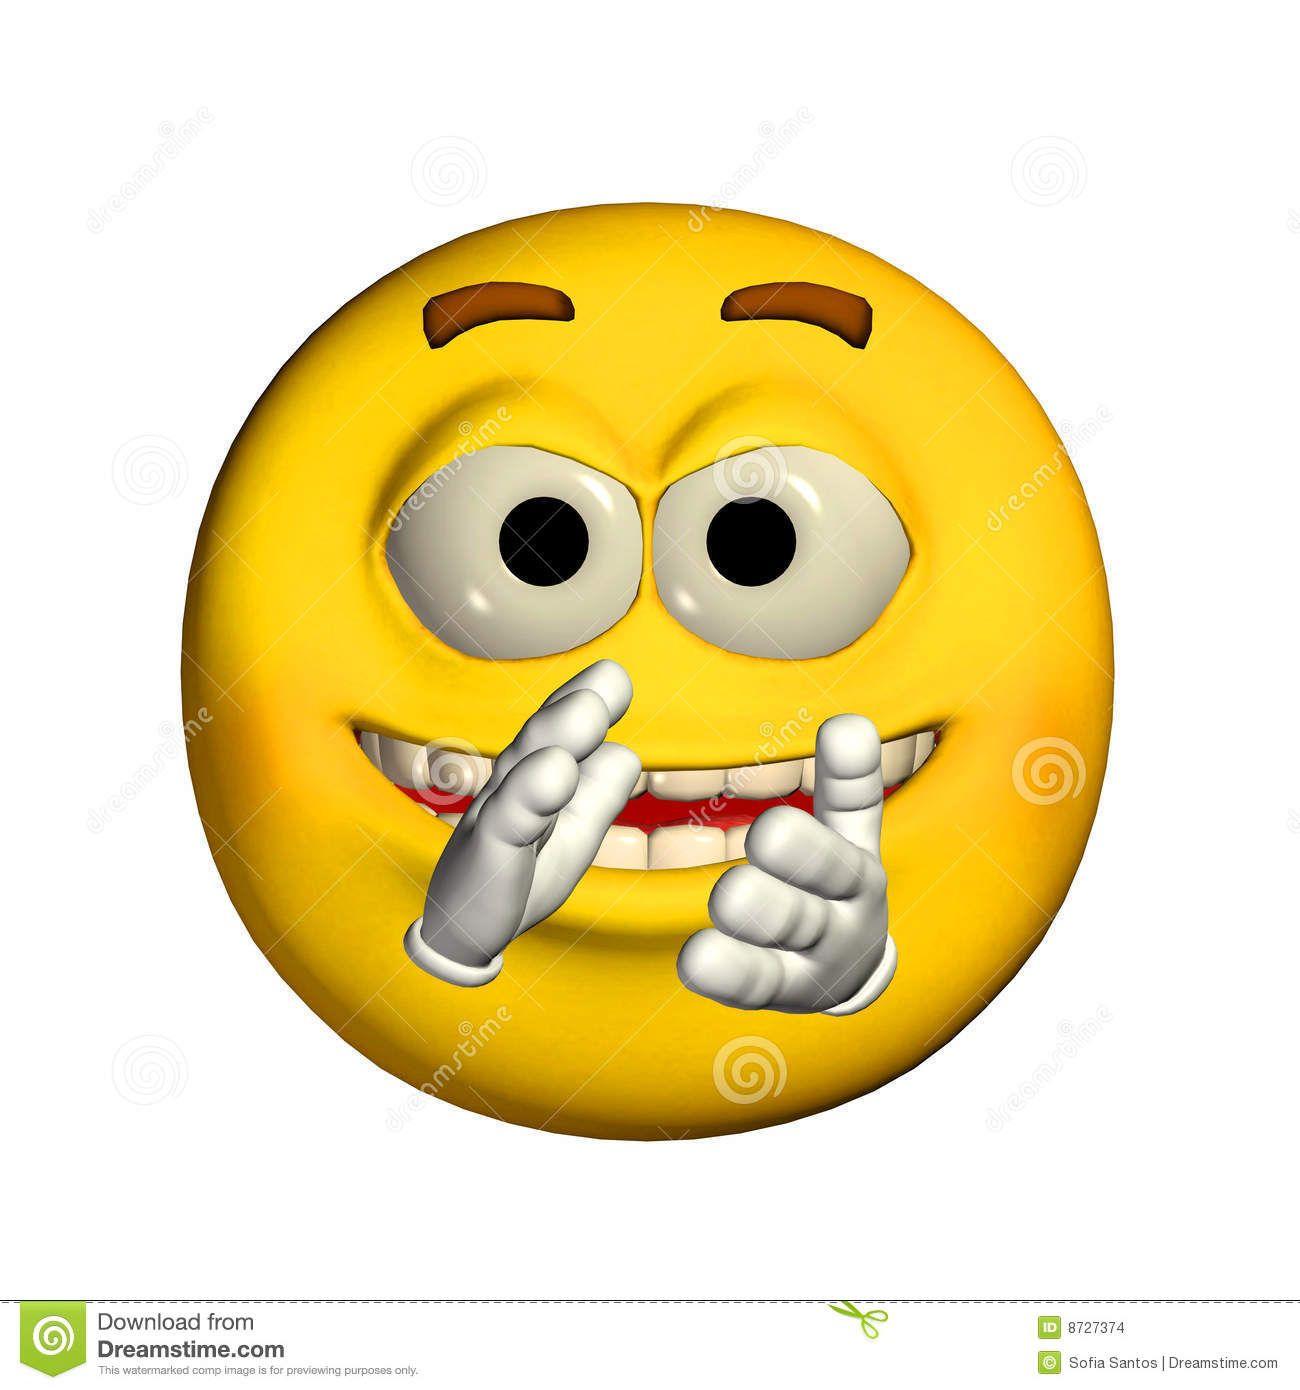 Aplausos Buscar Con Google Emoticonos Divertidos Emojis Para Whatsapp Emoticones Animados Para Whatsapp